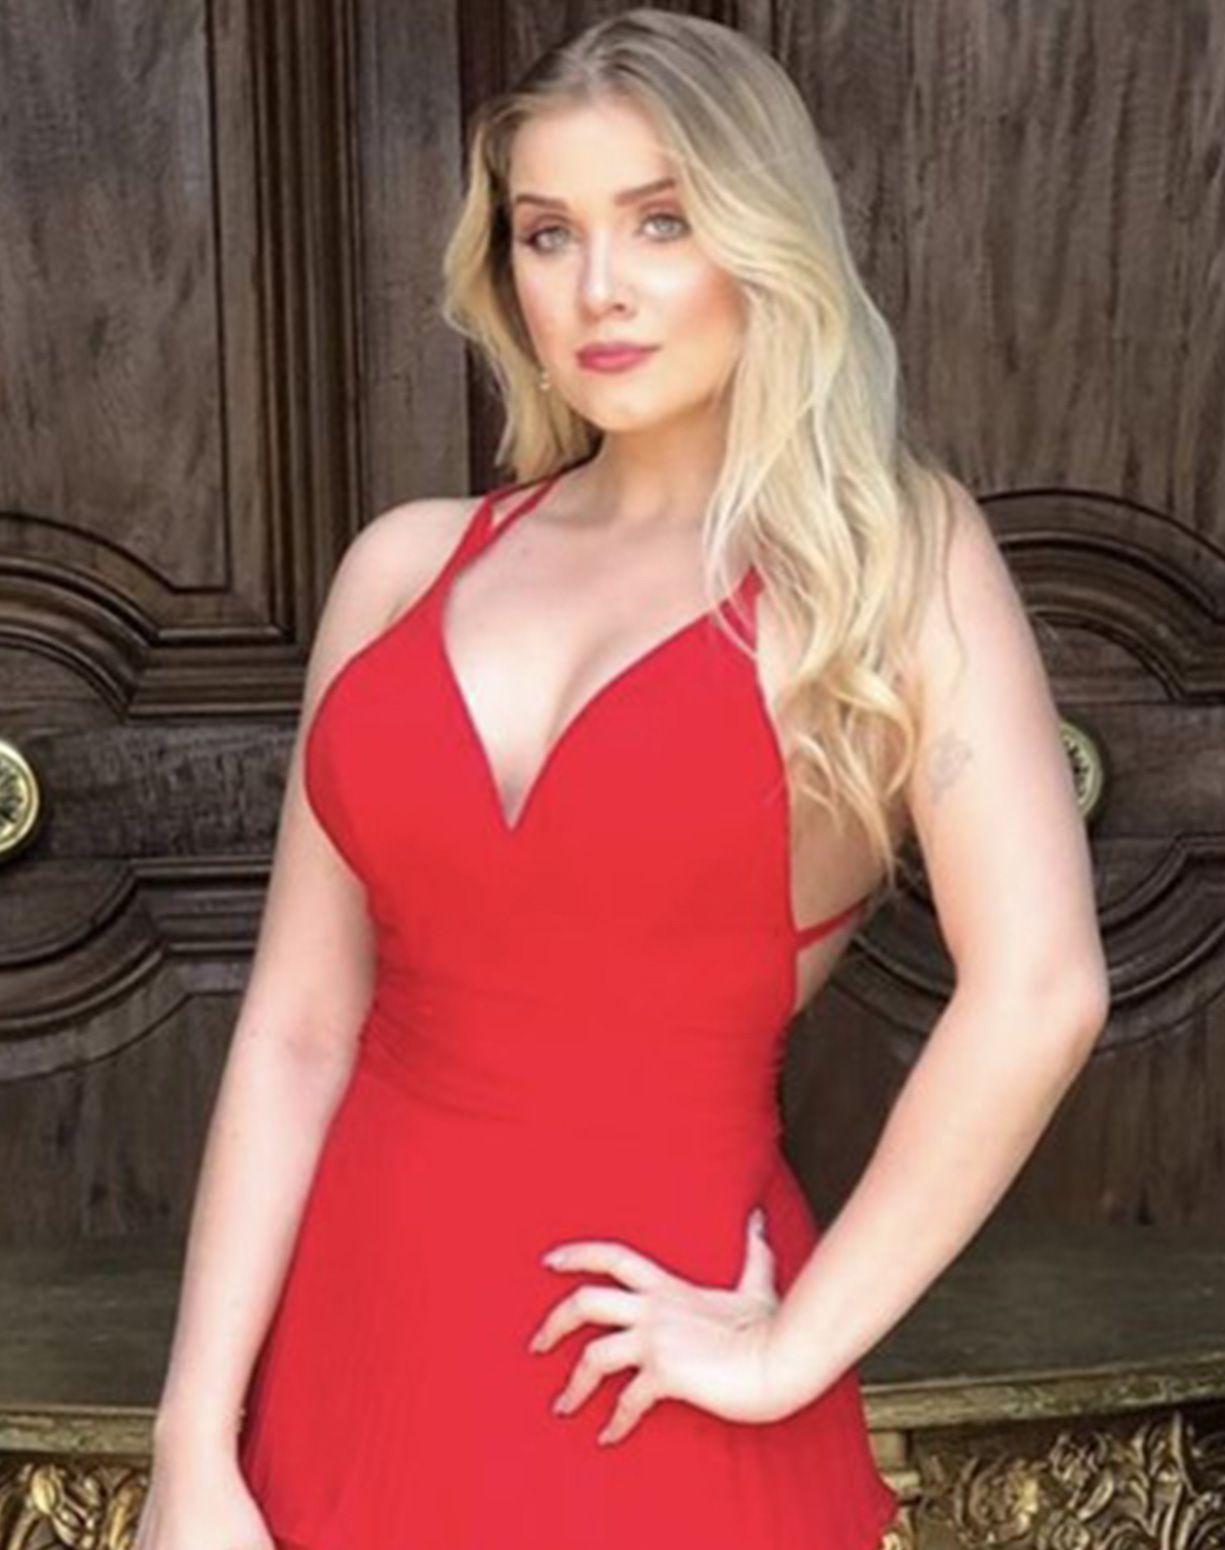 Vestido Vermelho Com Camadas Plissadas